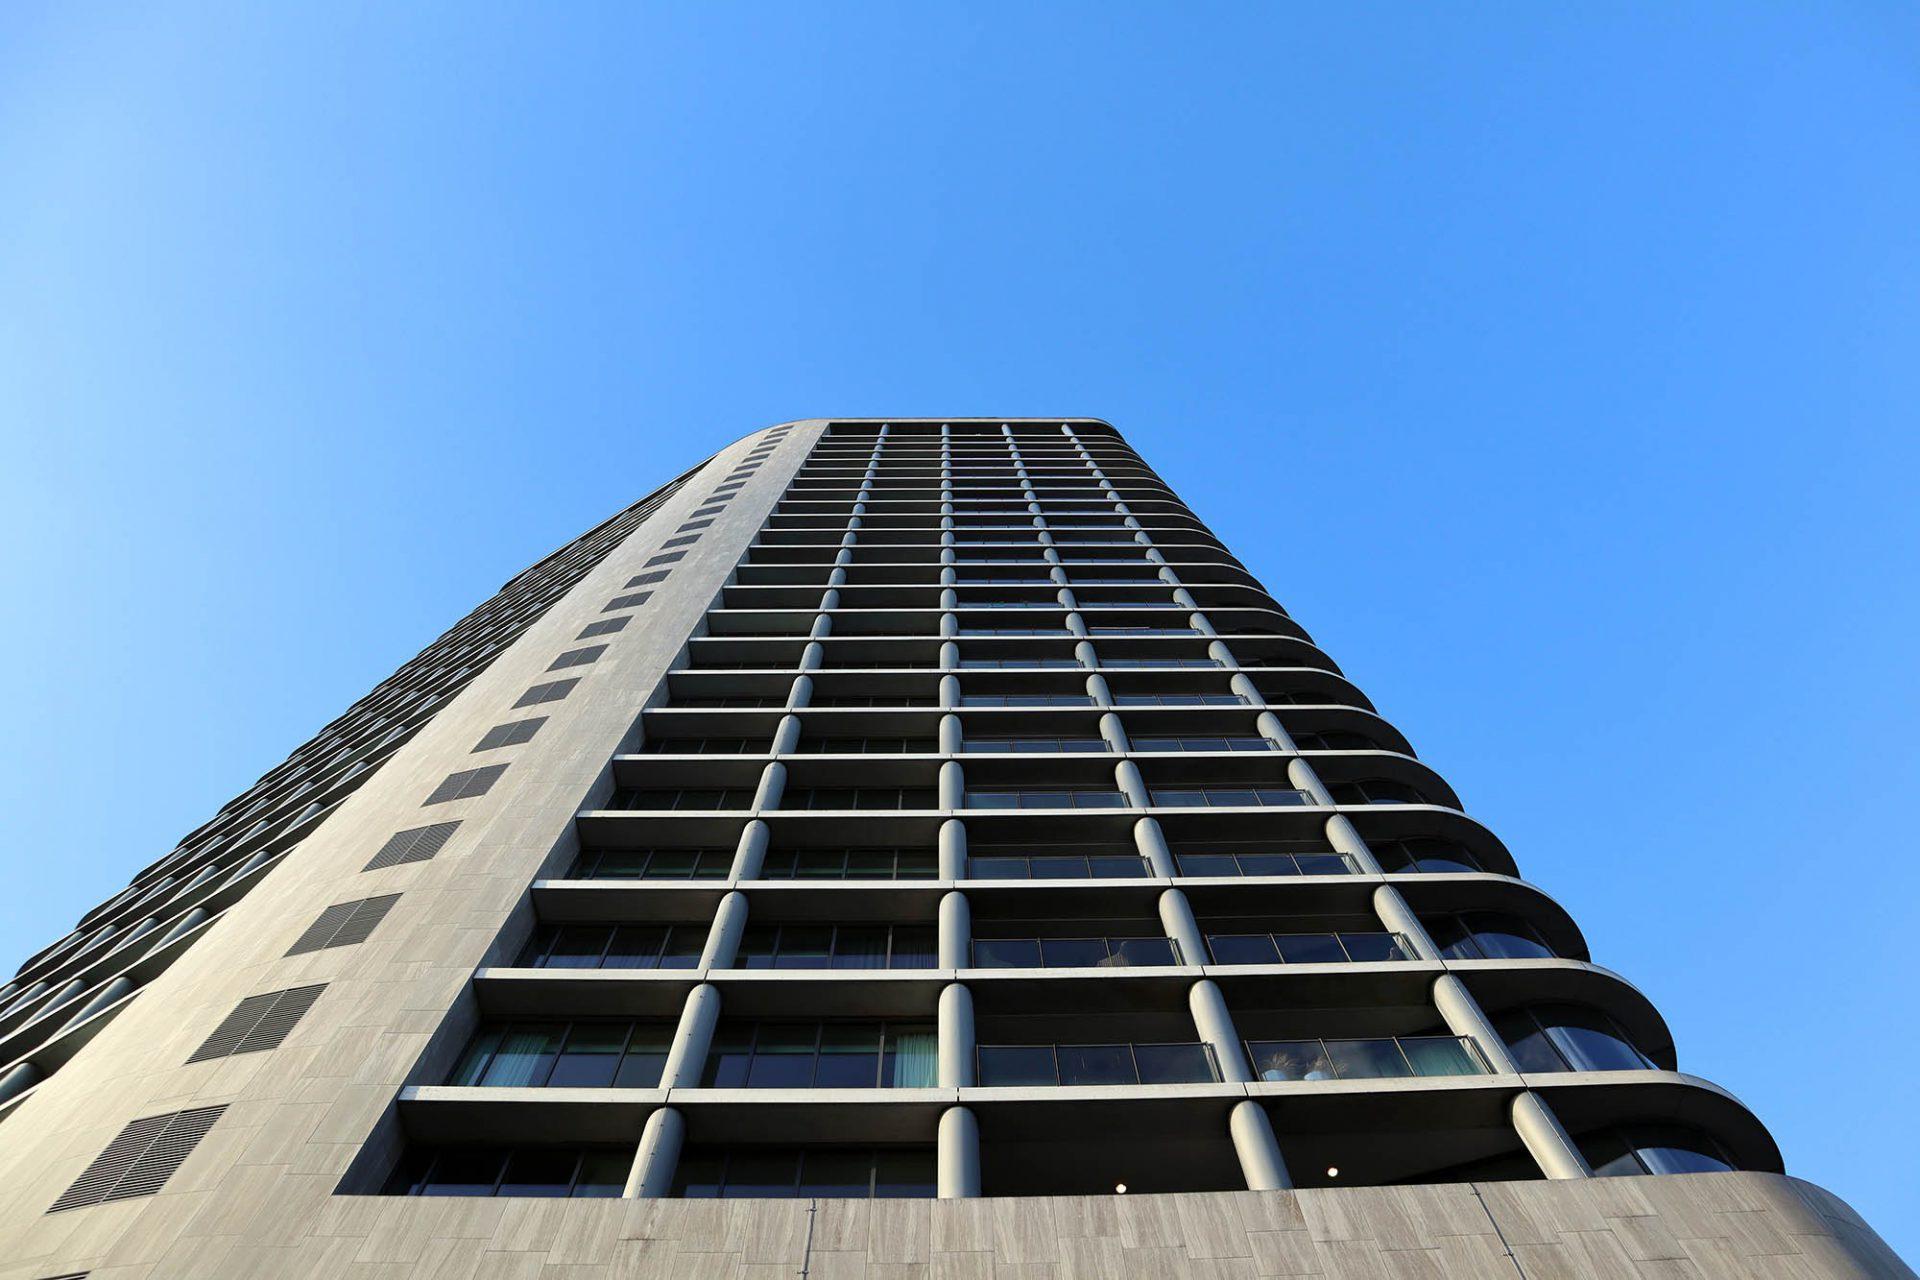 Vesteda –Turm. Der schlanke Turm des Niederländers Jo Coenen gehört zu den neuen Landmarken der Stadt.